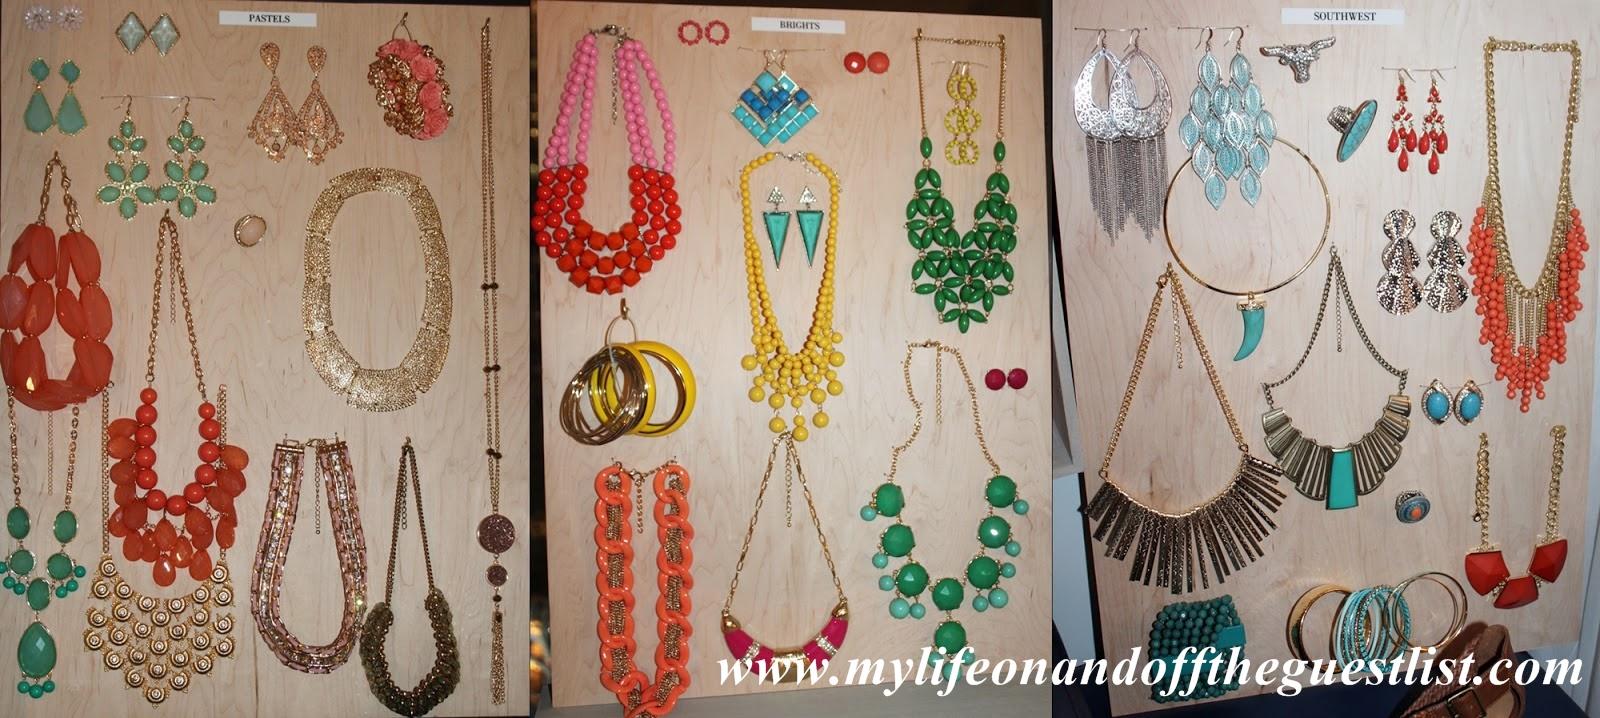 0141520a27 Burlington-jewelry2-www.mylifeonandofftheguestlist.com ...